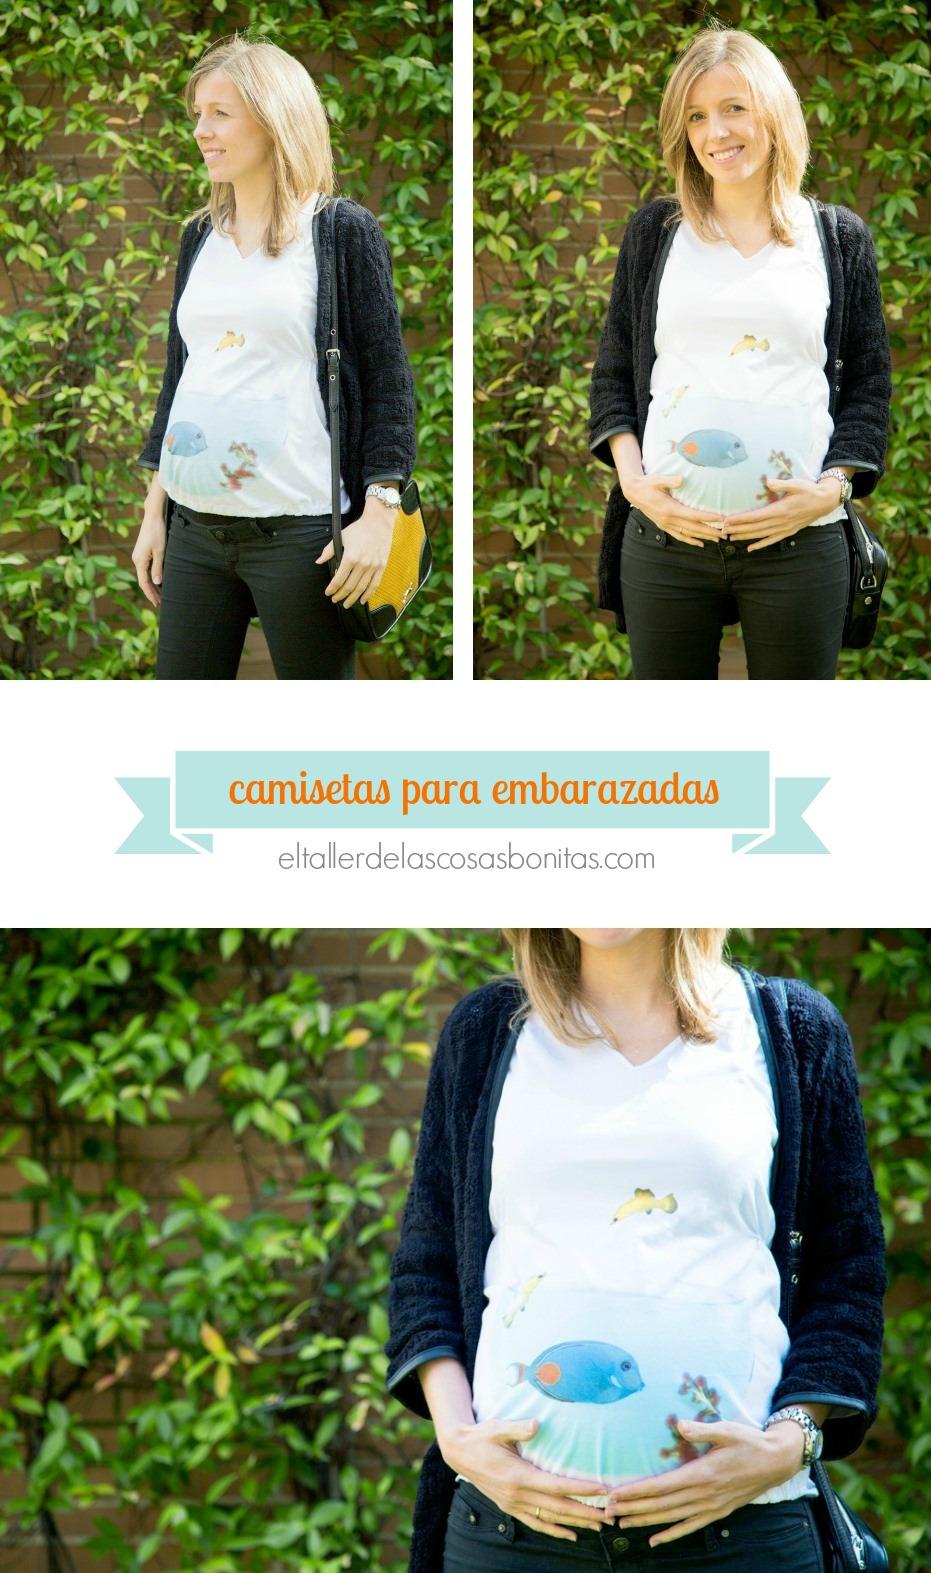 Camisetas originales para embarazadas